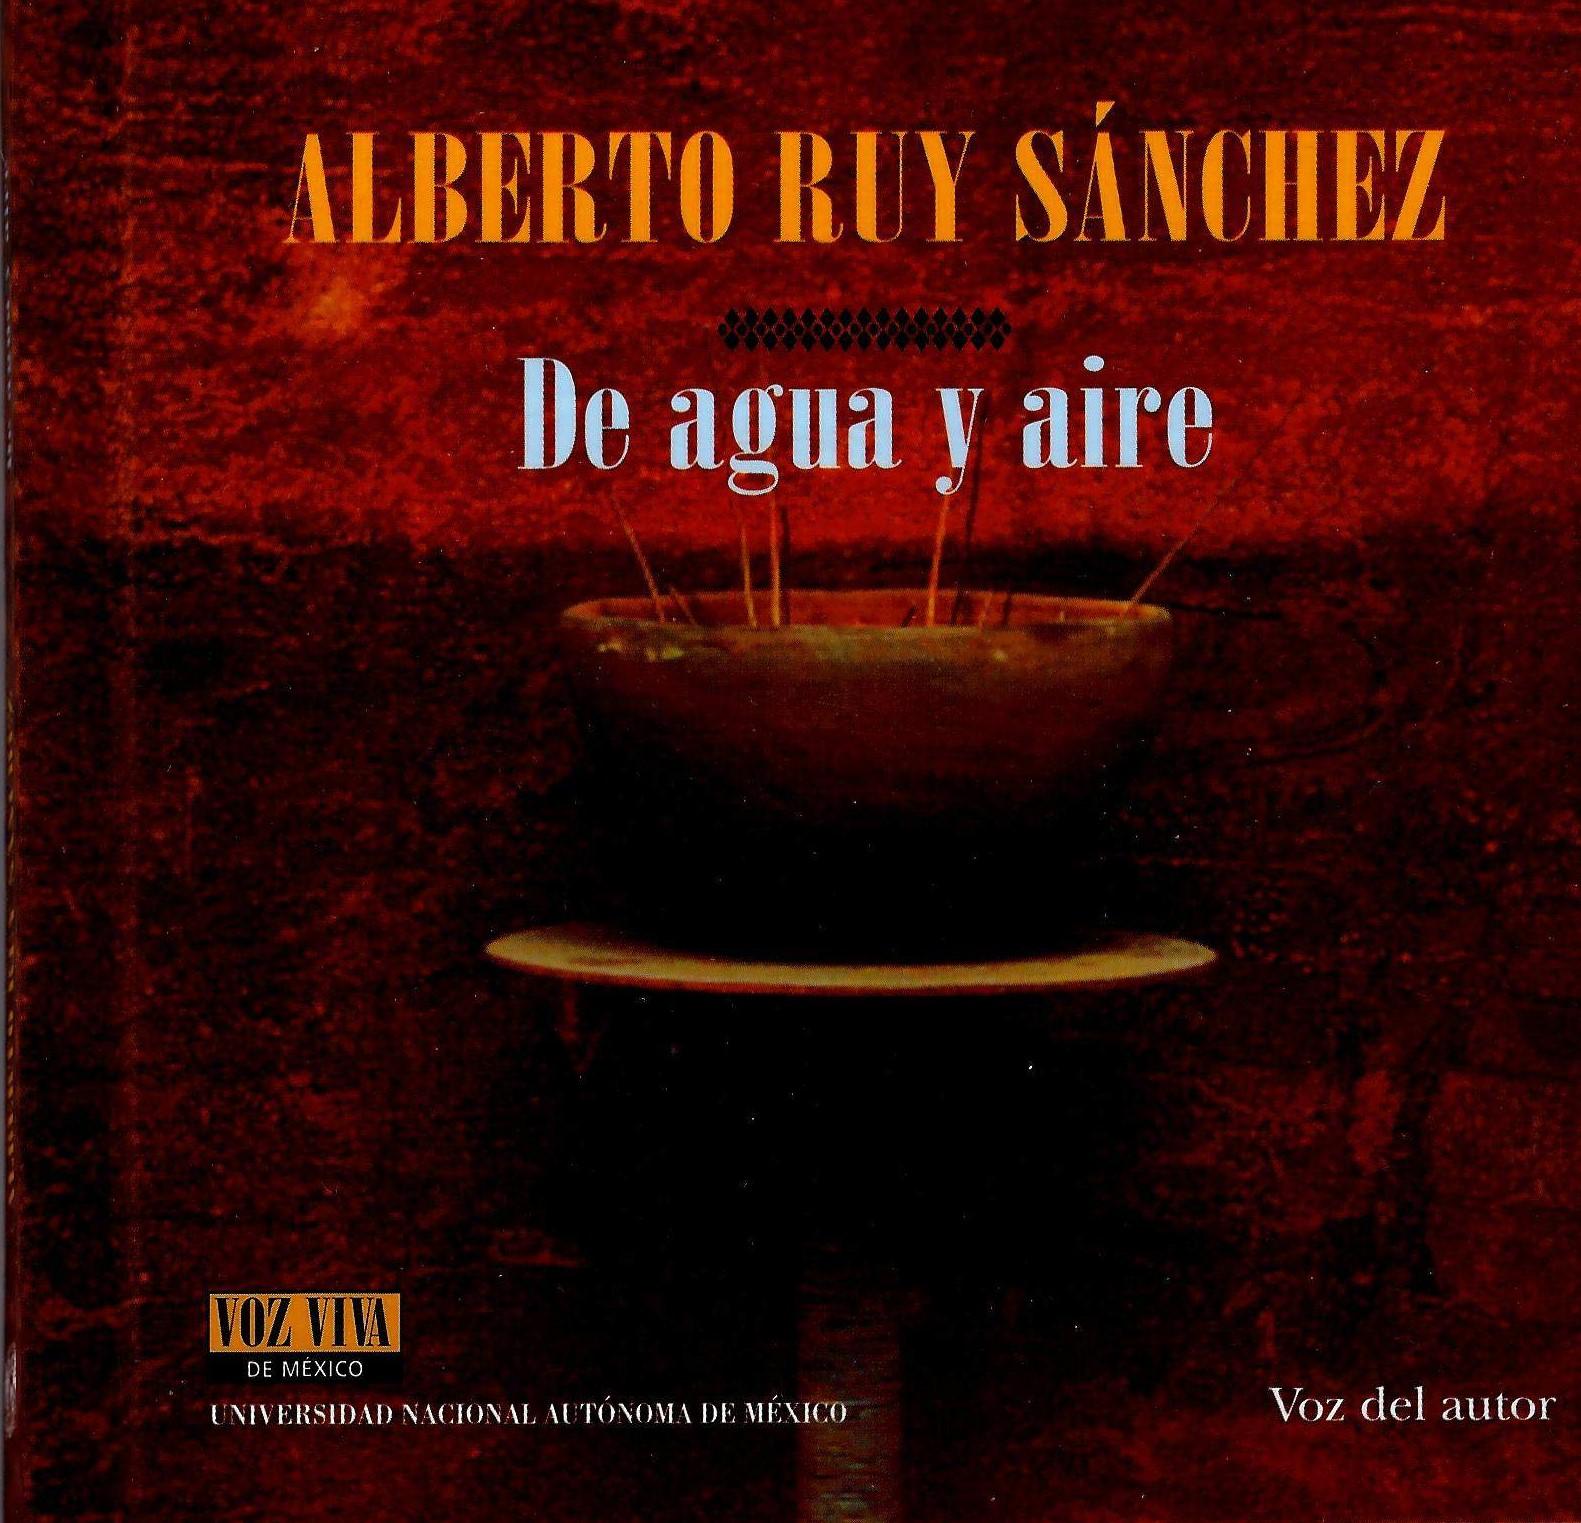 De agua y aire, Voz Viva de México, Alberto Ruy Sánchez Presentación por Alberto Manguel